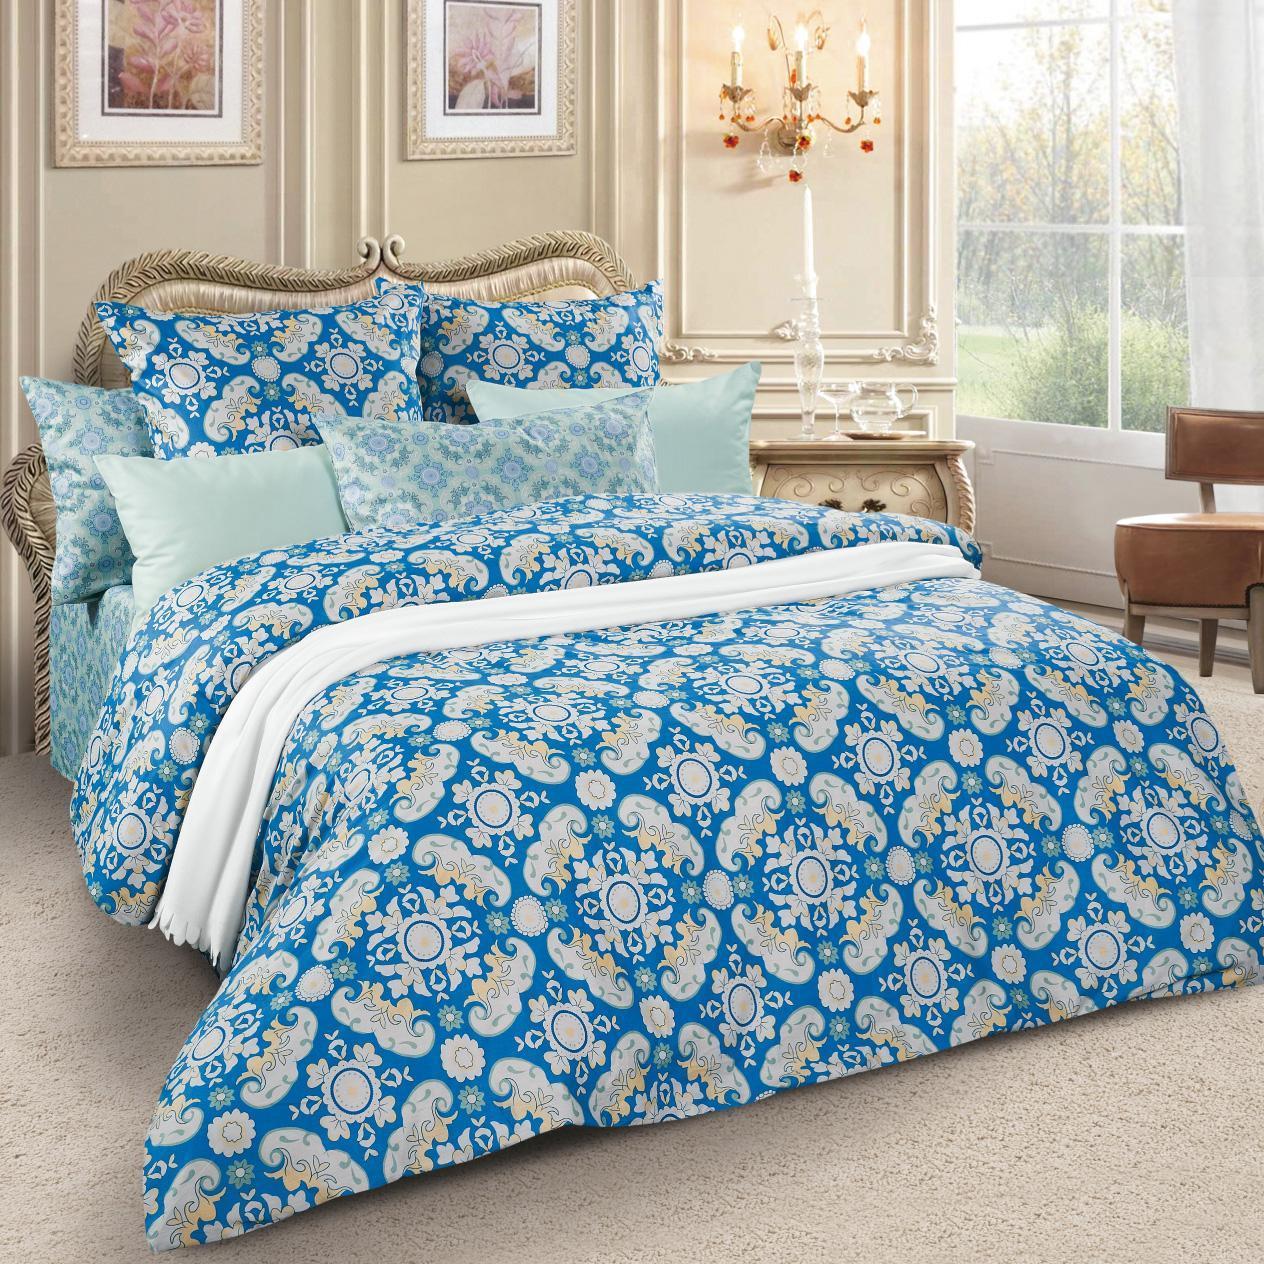 Комплект белья Letto, 1,5-спальный, наволочки 70х70, цвет: синий. sm59-3391602Спокойная классика в сатиновом исполнении - залог комфорта и гармонии цвета в вашей спальни. Дополните свою спальню актуальным принтом от европейских дизайнеров! Это отличный подарок любителям модных трендов в цвете и дизайне.Комплект выполнен из сатина, который заслужено считается благородной тканью для постельного белья. Сатину свойственна практичность, долговечность, мягкость и изысканный блеск, такая ткань прекрасно впитывает влагу во время сна, комфортна на ощупь и не требует особого ухода. Серия Letto Сатин – это современные дизайны в европейской стилистике, которые прекрасно дополнят Вашу спальню. Обращаем внимание, что наволочки могут отличаться от представленных на фотографии. Также может отличаться и оттенок комплекта из-за разницы в цветопередаче мониторов.